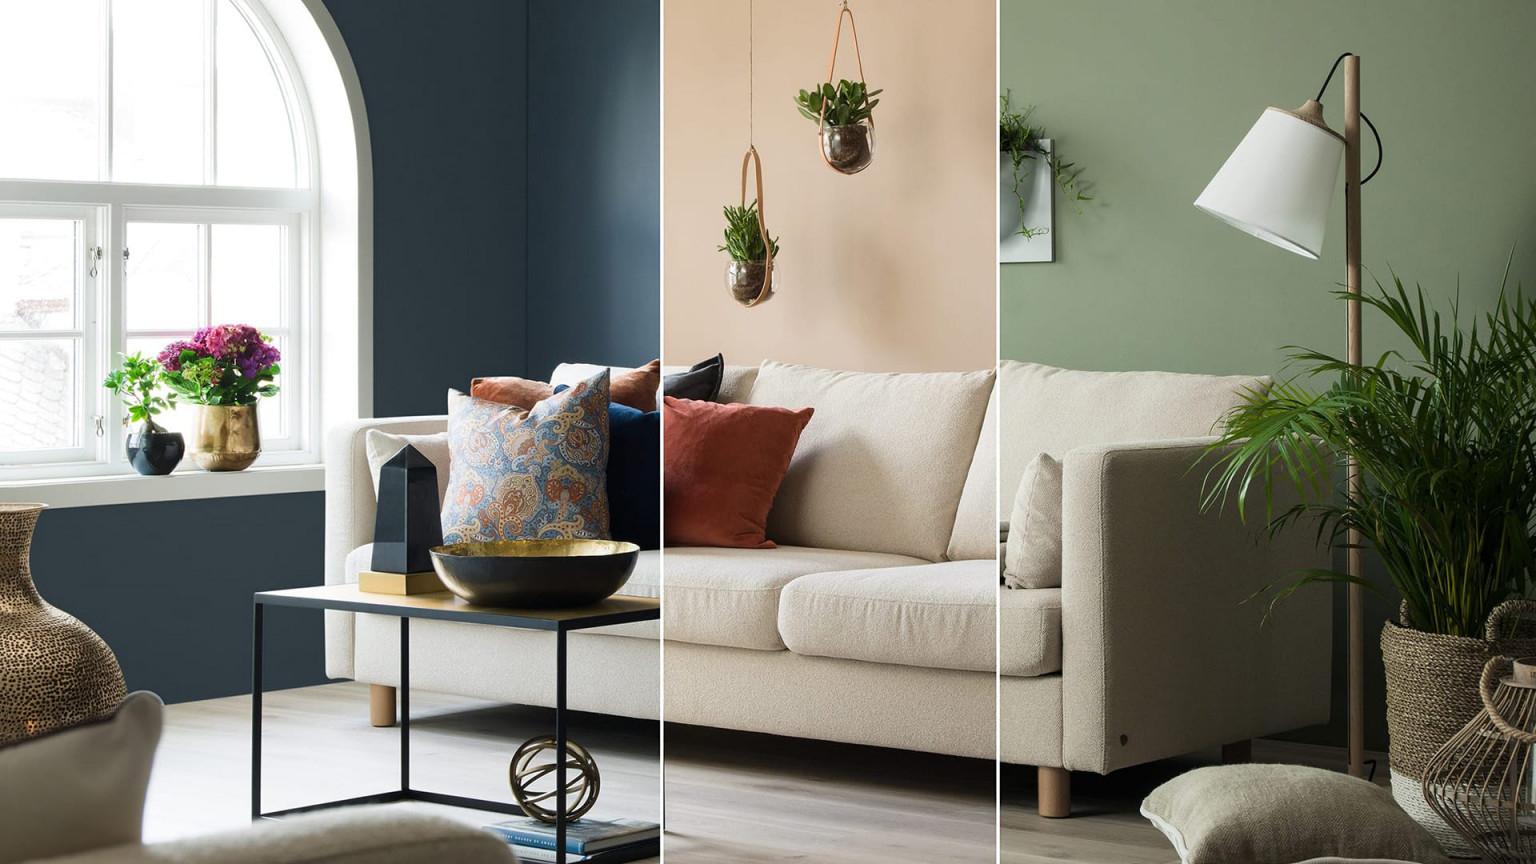 Wohnzimmer Modern Einrichten So Einfach Geht's von Wohnzimmer Modern Einrichten Bild